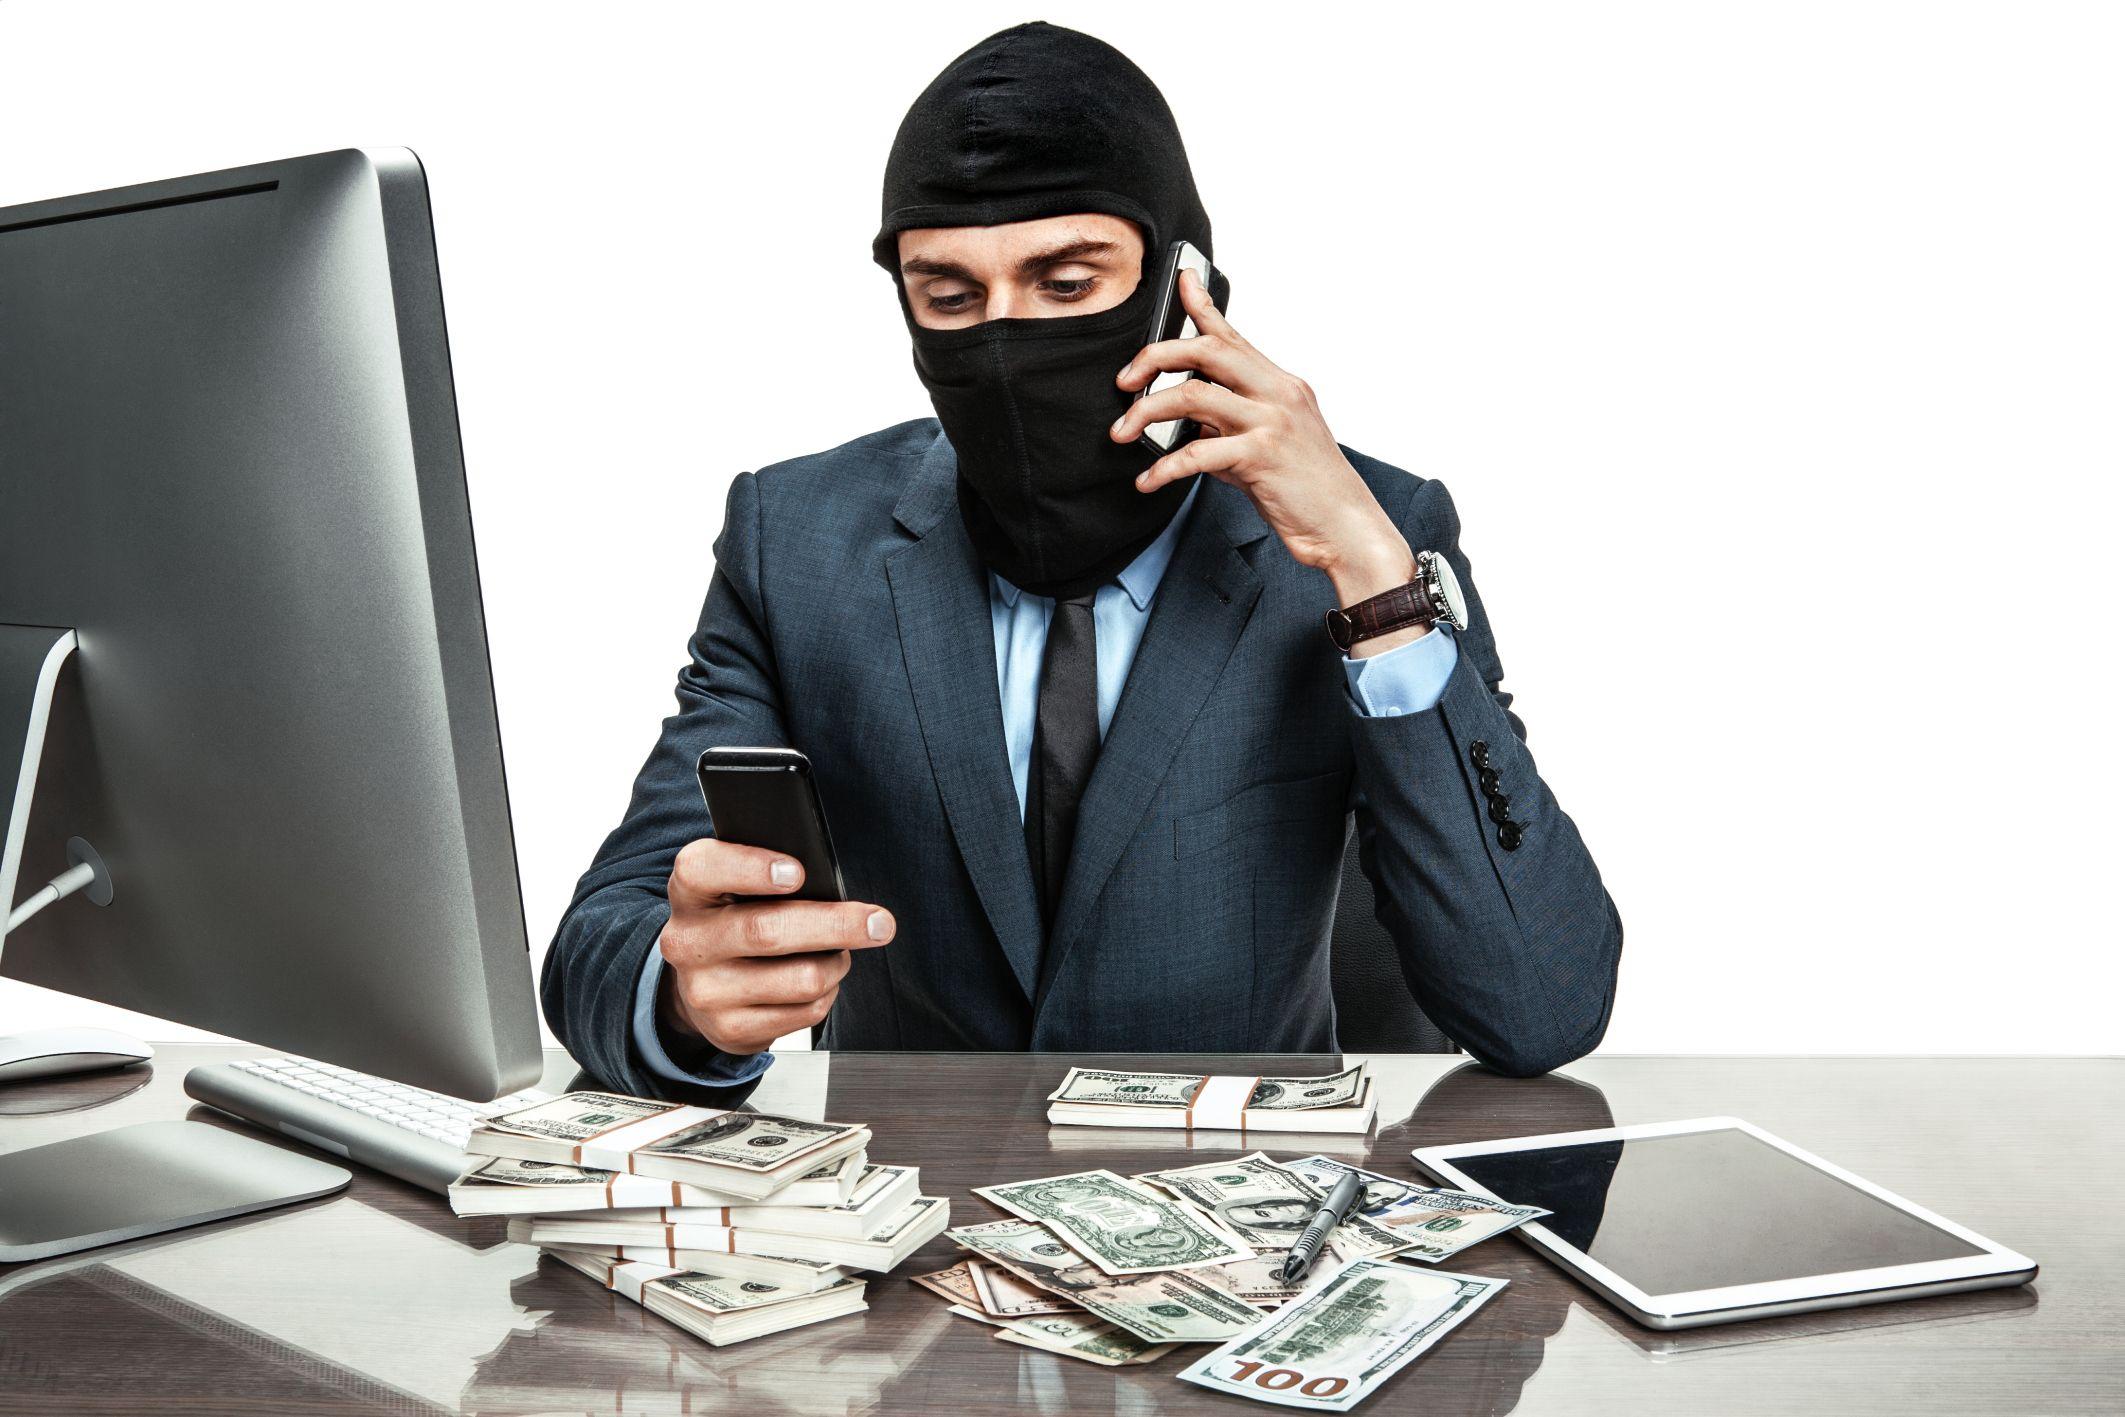 Статья 163 УК РФ: вымогательство денег